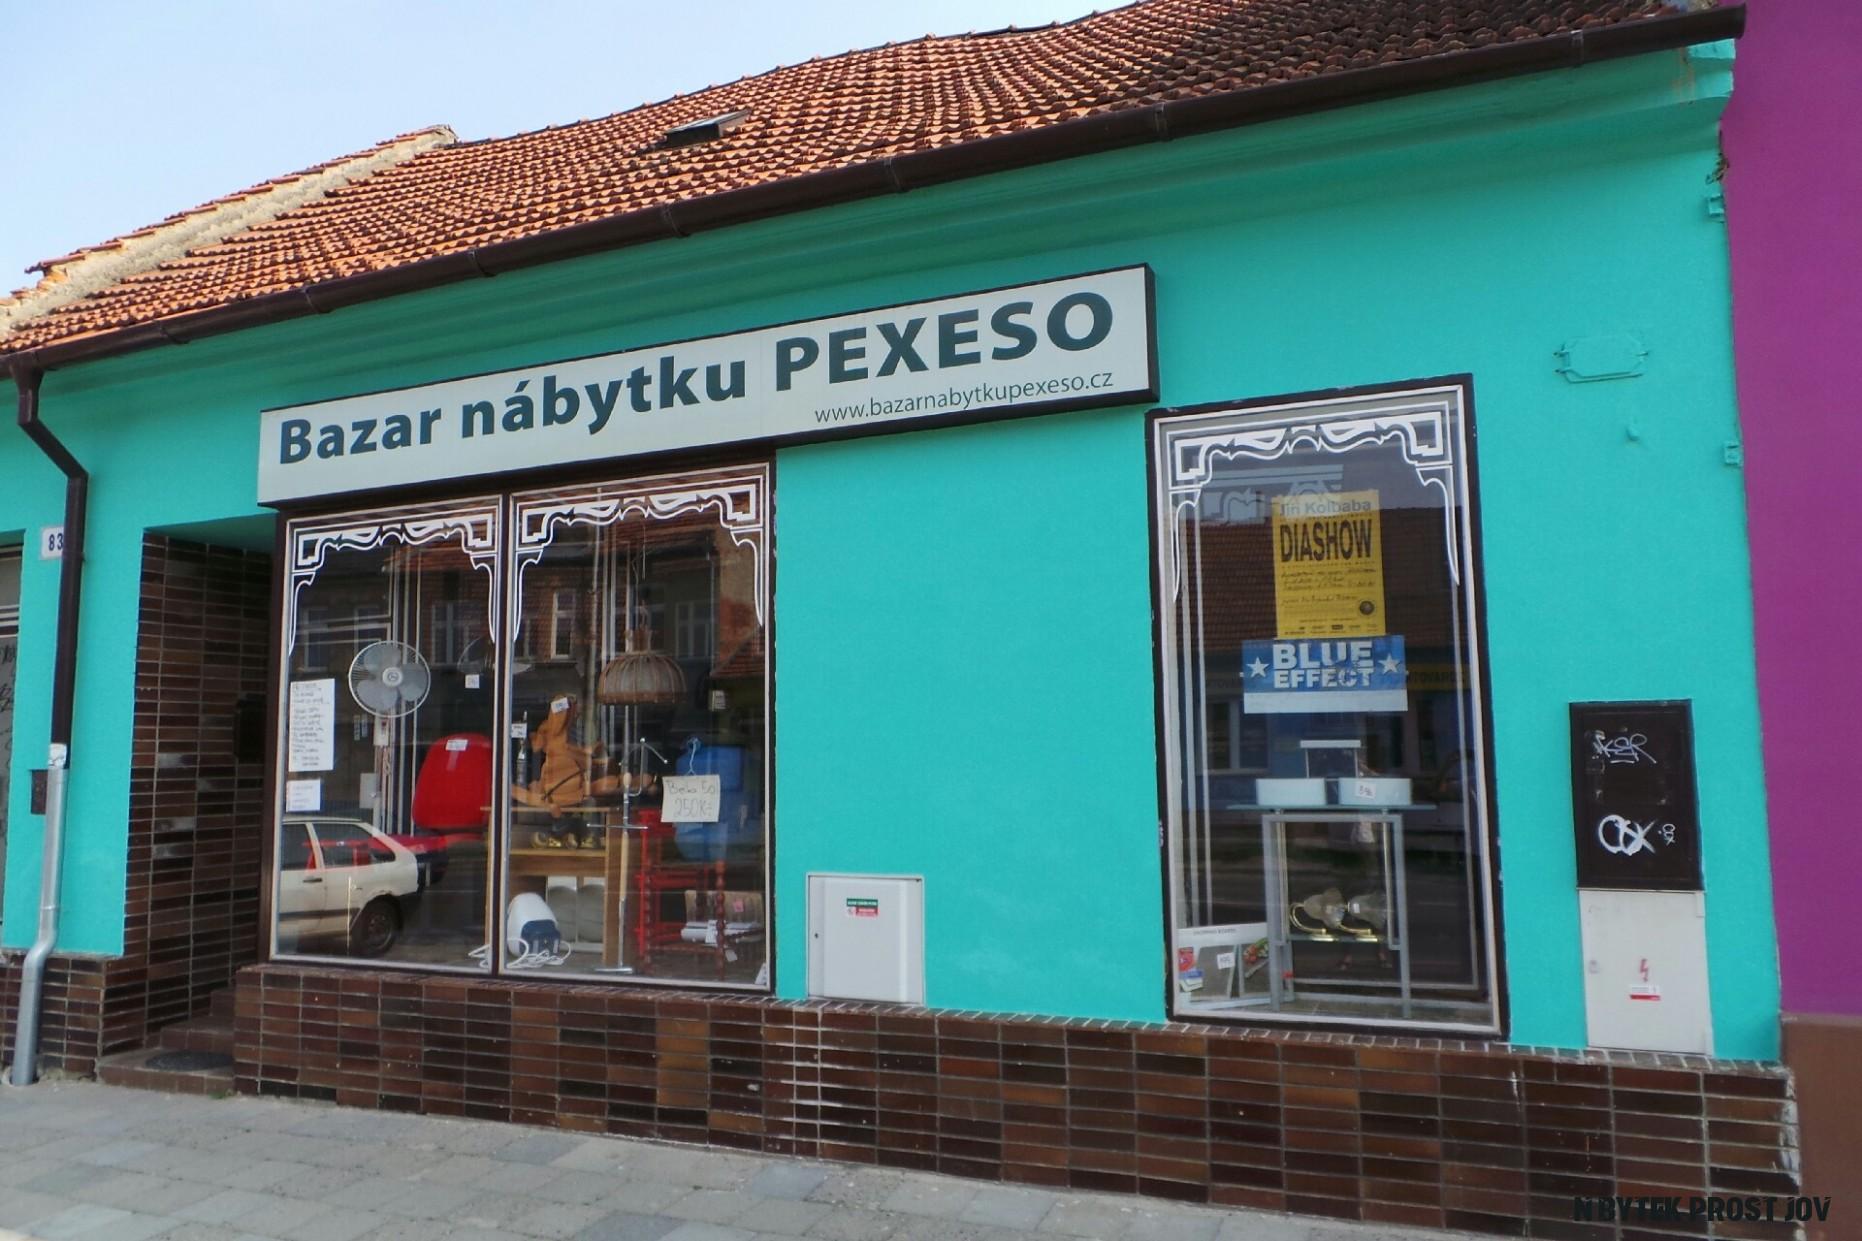 Bazar nábytku PEXESO (Prostějov) • Firmy.cz